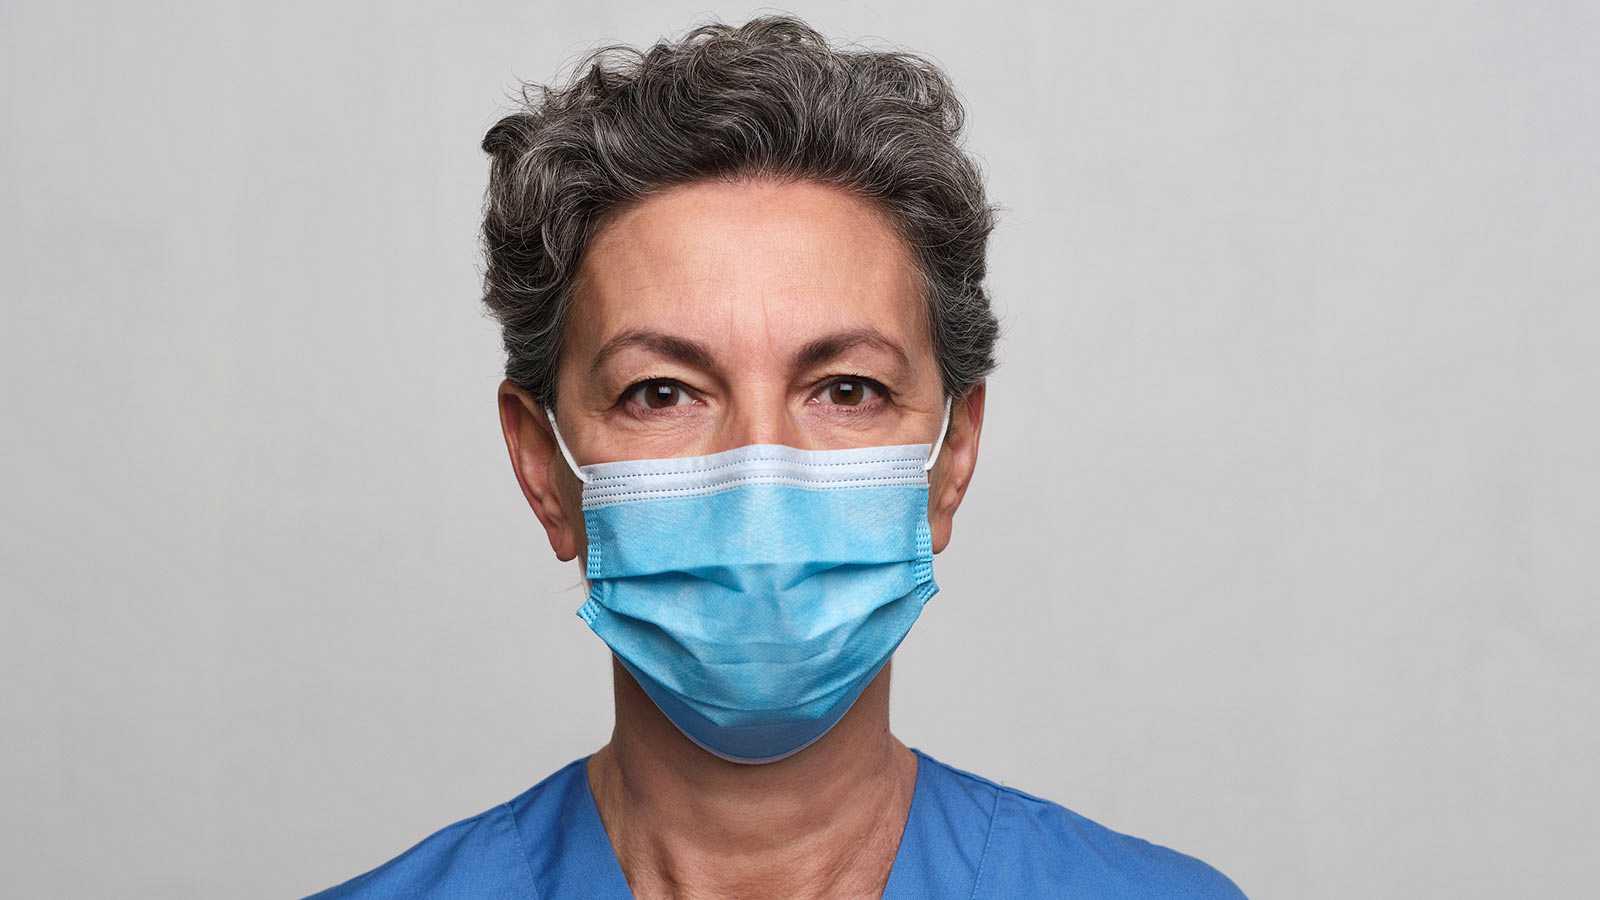 Després del col·lapse - Dona, salut i bones notícies COVID - 08/02/21- escoltar ara -